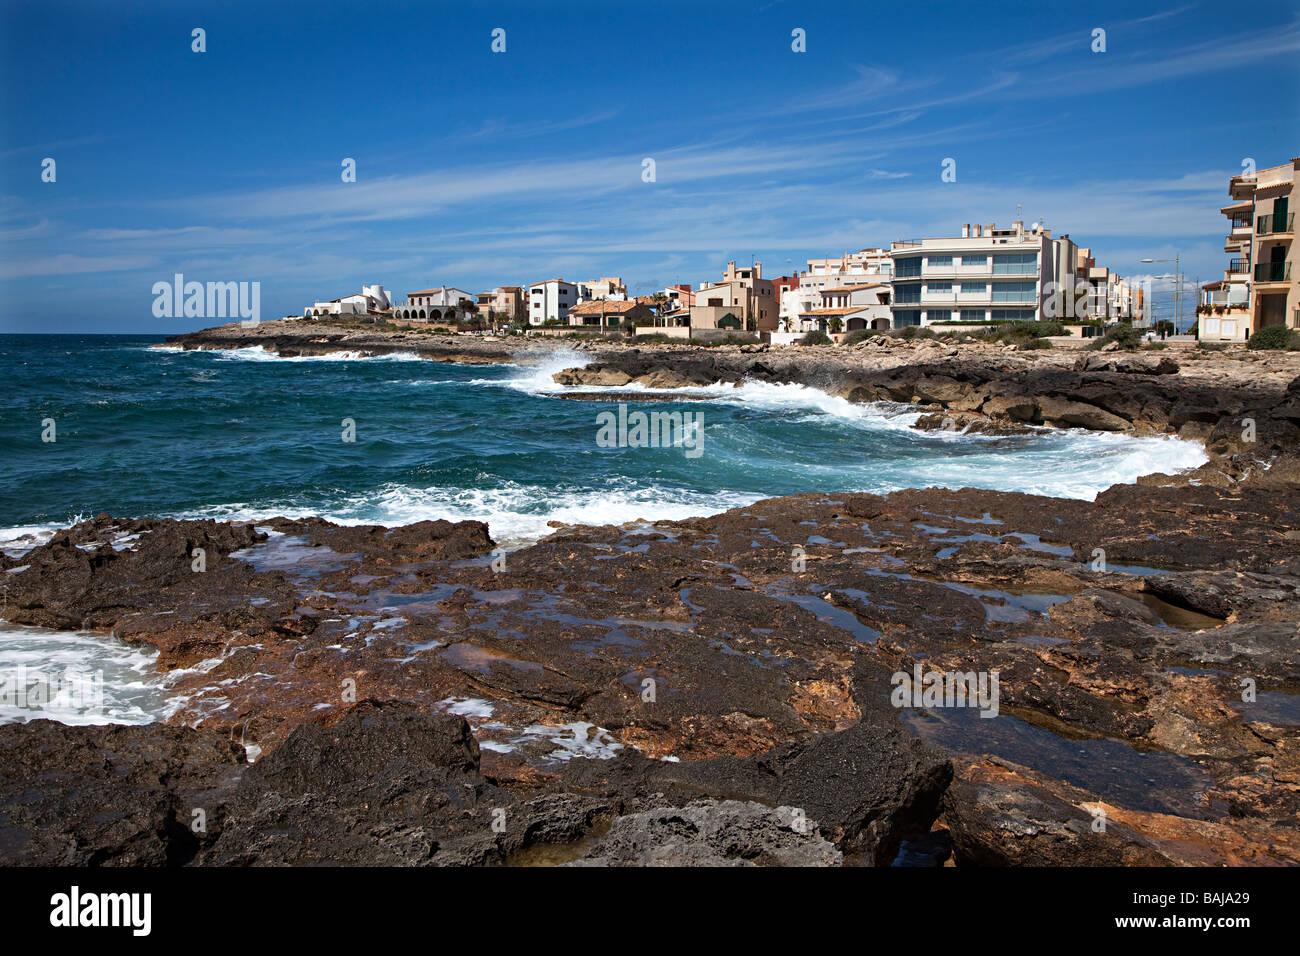 Rocky coastline and hotels Colonia de Sant Jordi Mallorca Spain - Stock Image